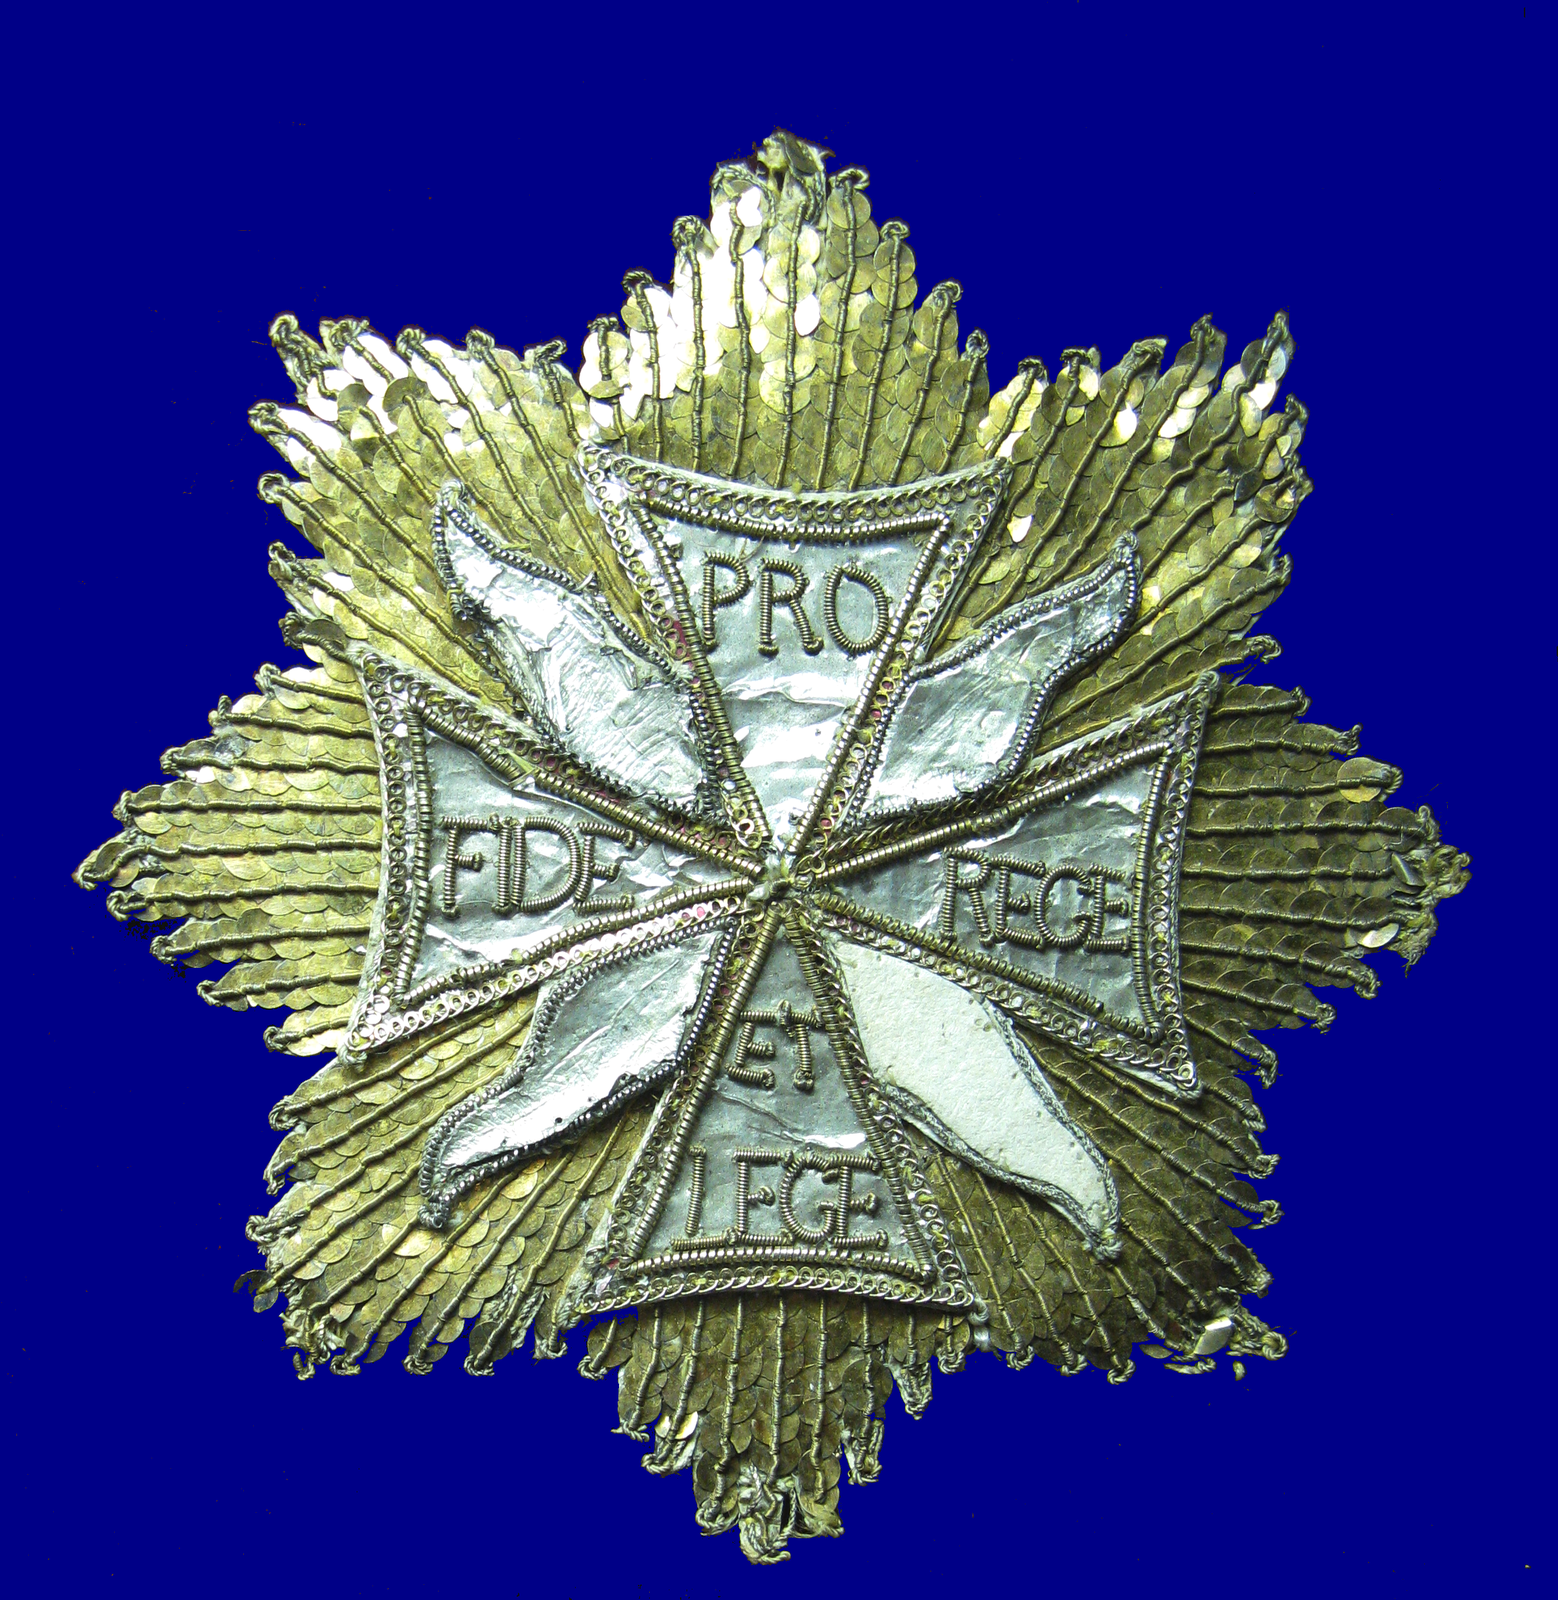 Order Orła Białego – wygląd współczesny Order Orła Białego – wygląd współczesny Źródło: Maciej Szczepańczyk, Wikimedia Commons, licencja: CC BY 3.0.